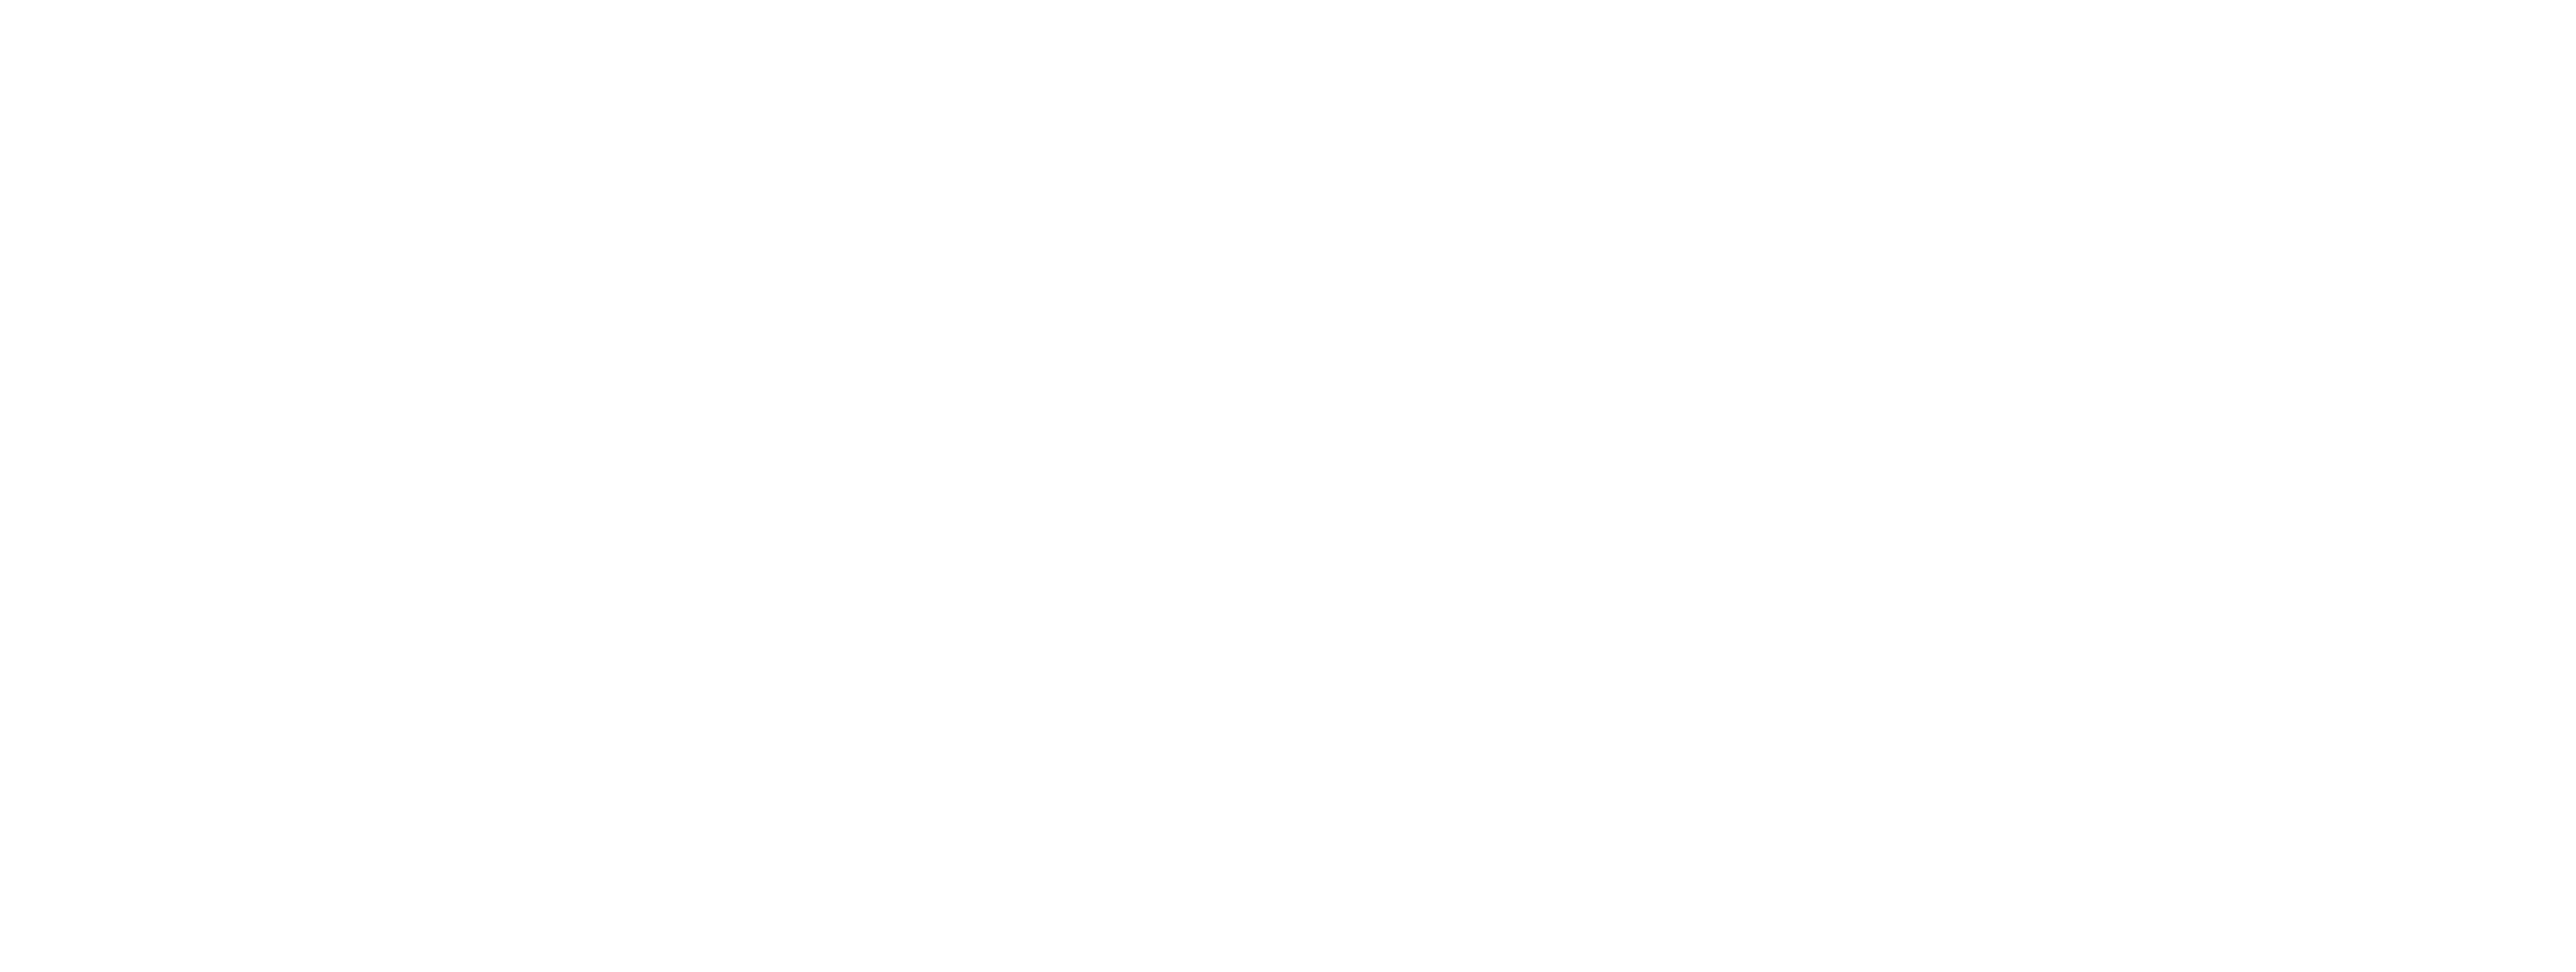 Zero For The Hero